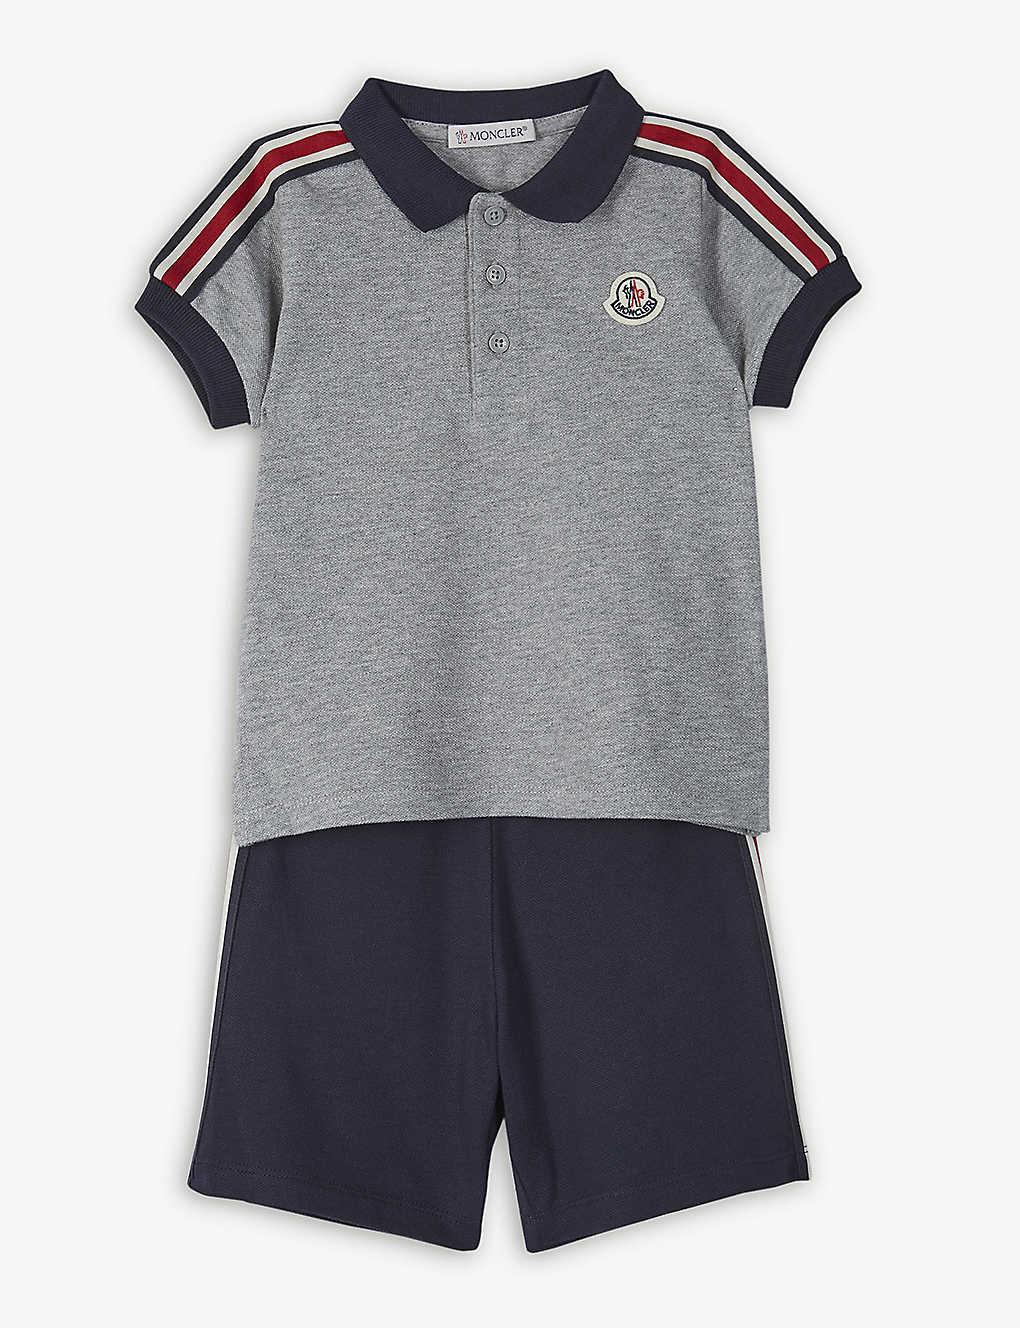 moncler shorts and shirt